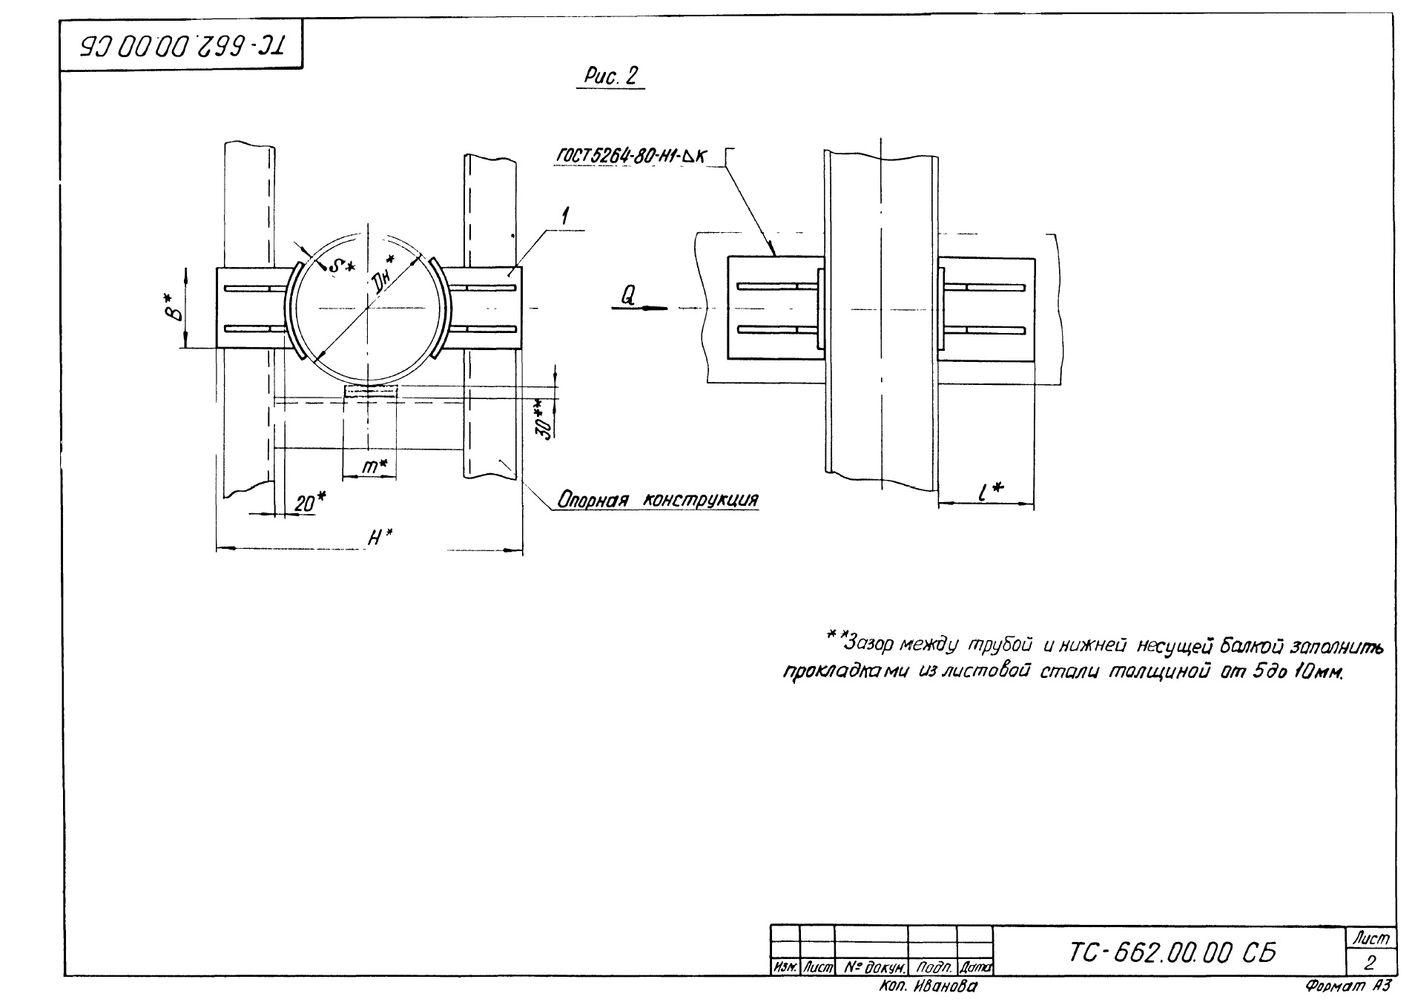 Опора неподвижная двухупорная усиленная ТС-662.00.00 серия 5.903-13 выпуск 7-95 стр.2